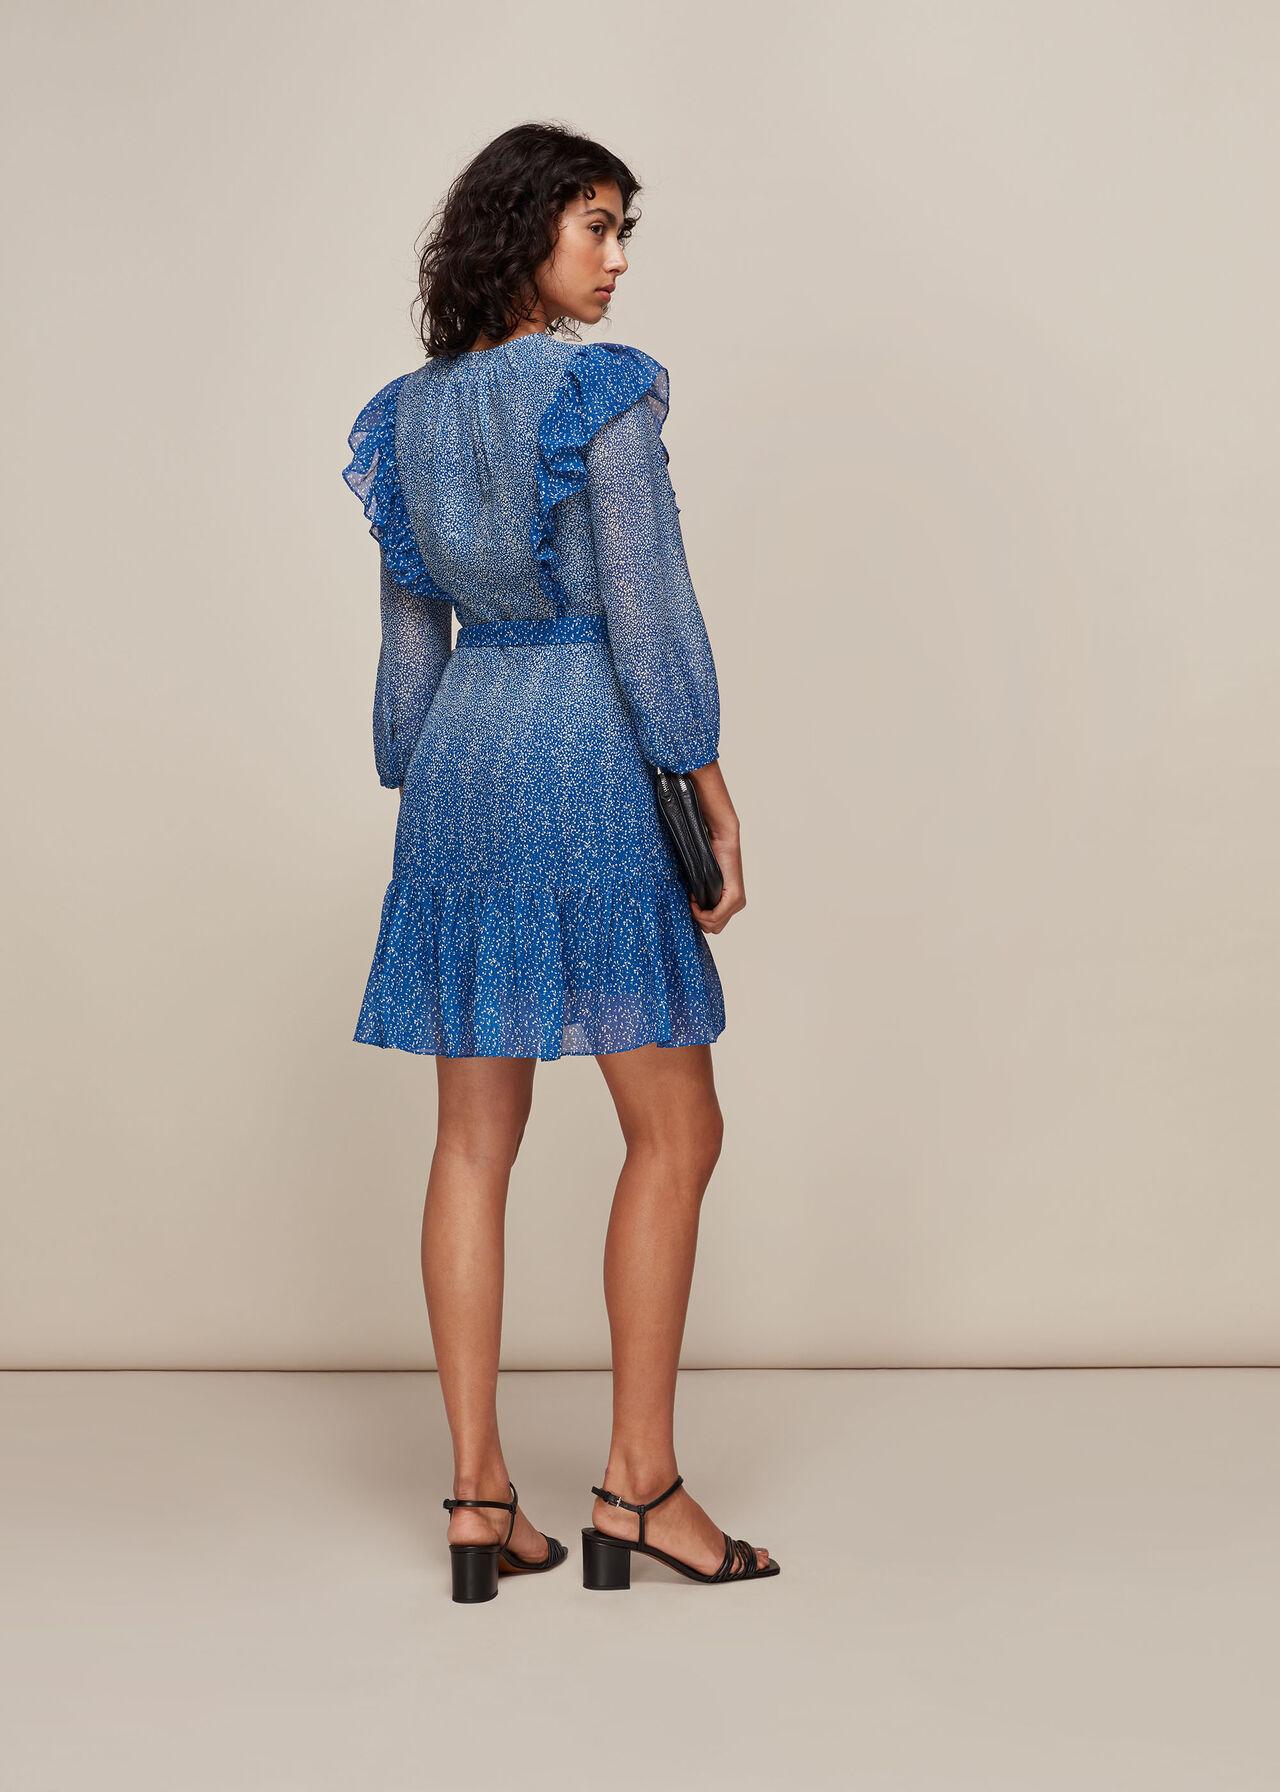 Floral Gradient Dress Blue/Multi